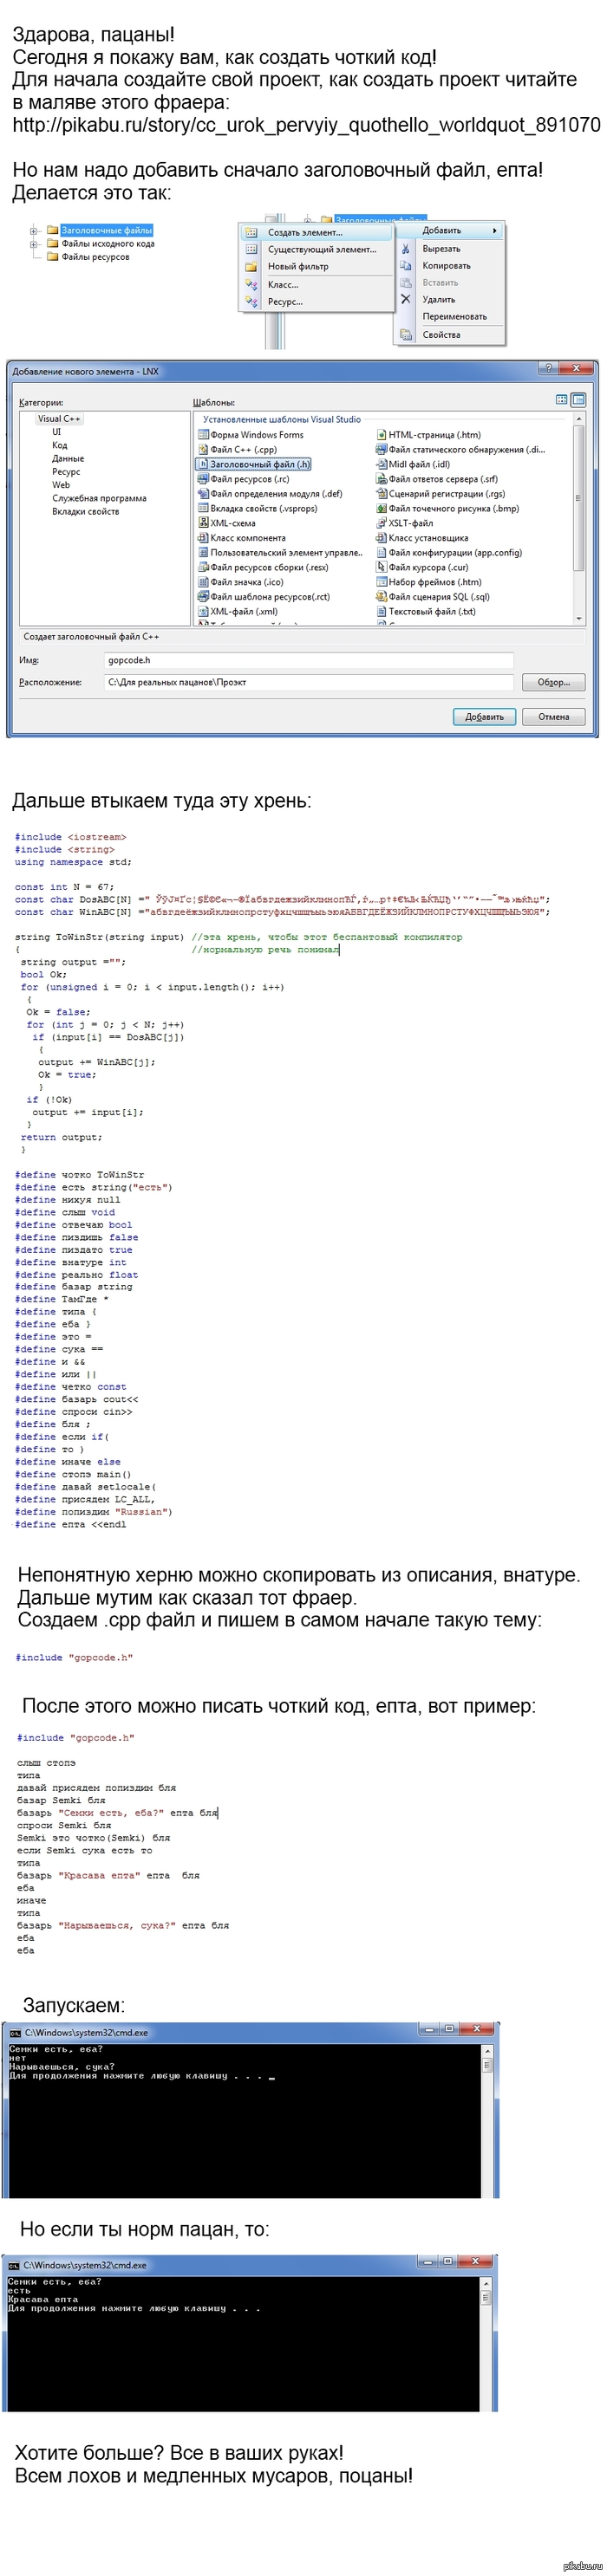 """Быдло-код или понятный большинству урок программирования. Это надо   копировать:  """"ЎўЈ¤Ґс¦§Ё©Є«¬®ЇабвгдежзийклмнопЂЃ'ѓ""""…р†‡€‰Љ‹ЊЌЋЏђ''""""""""•–—?™љ›њќћџ"""""""